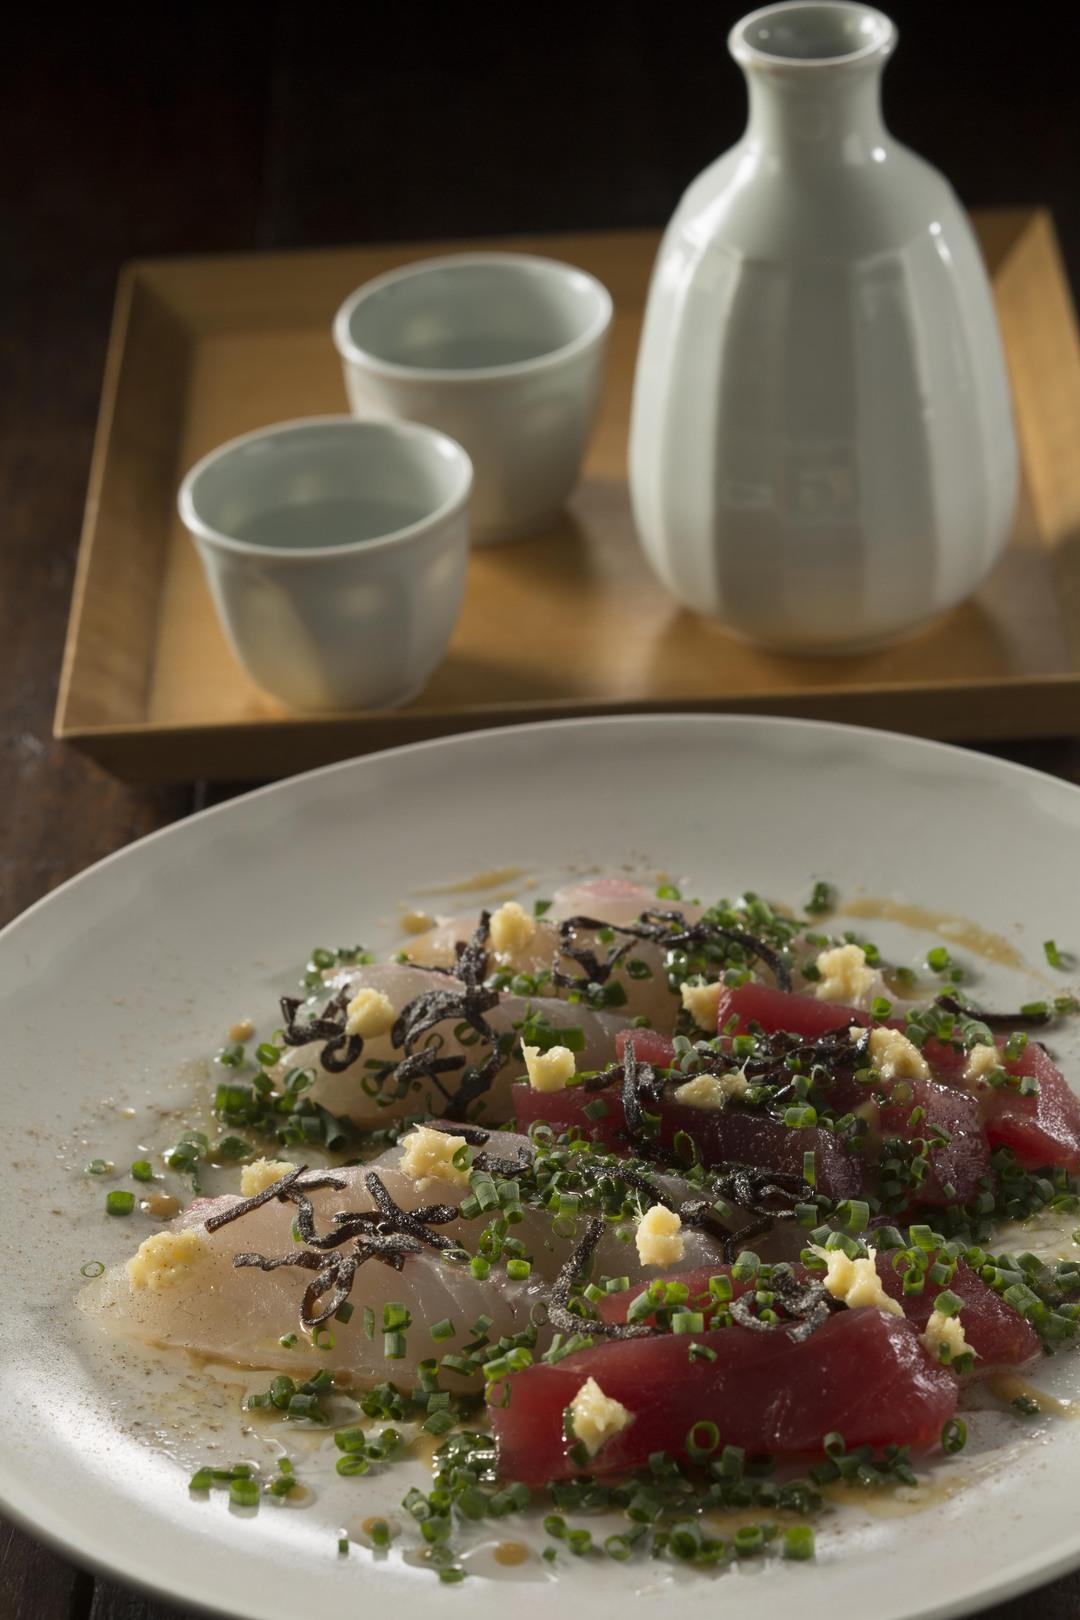 【忙しい人に贈る晩ご飯レシピ】お刺身ミックスにタレをかけるだけ「激ウマ薬味のせマリネ」<br />